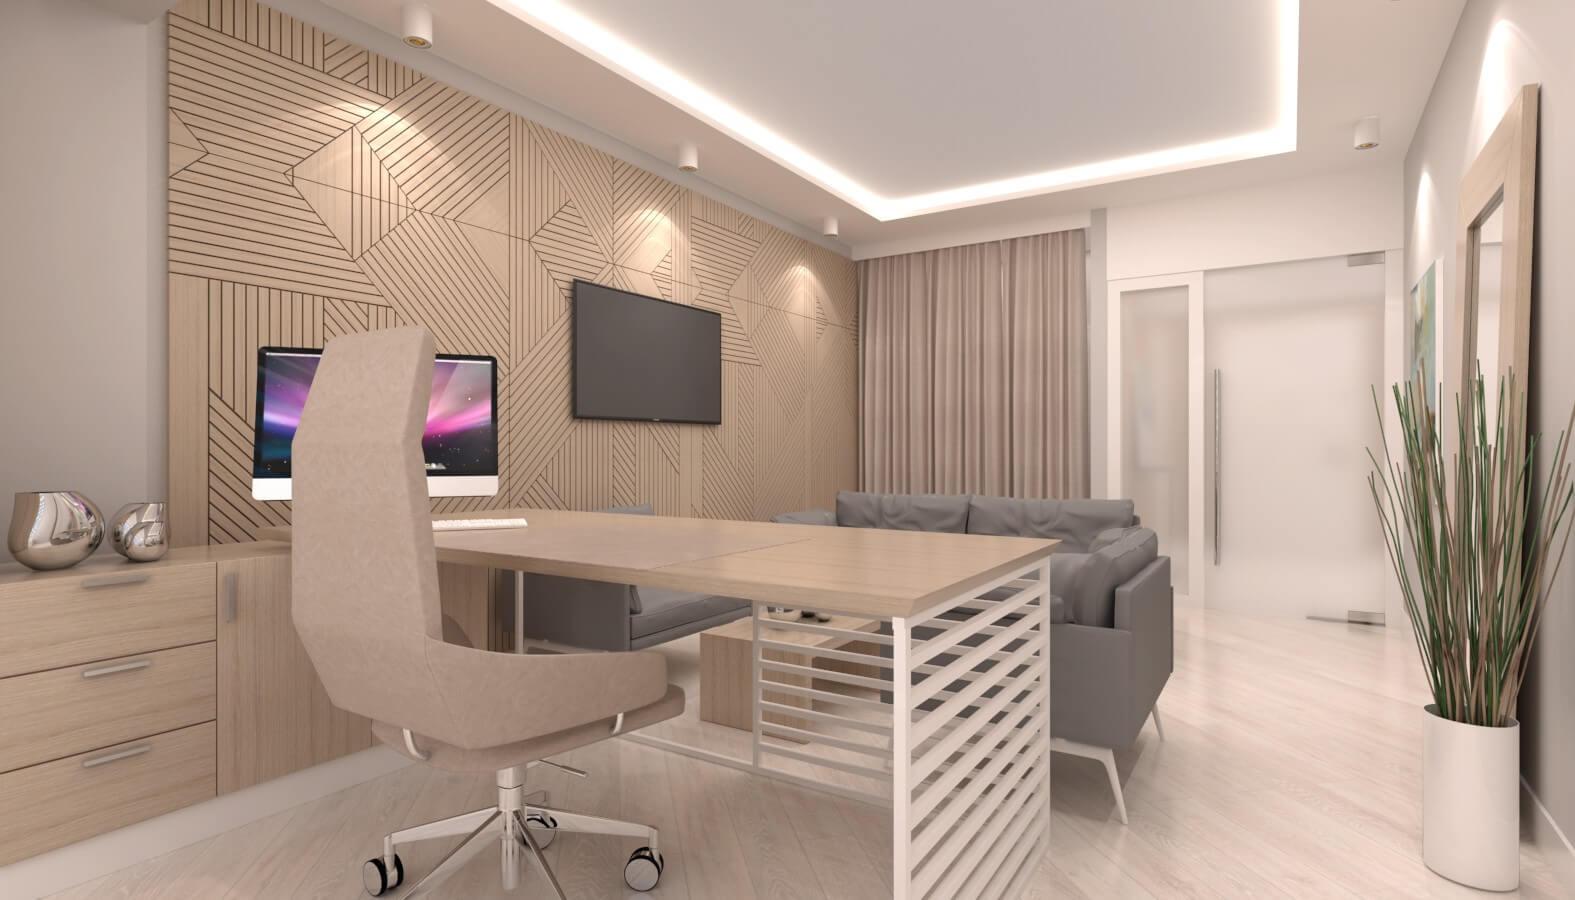 ofis mimari 3718 Crystal Dental Lab Ofisler